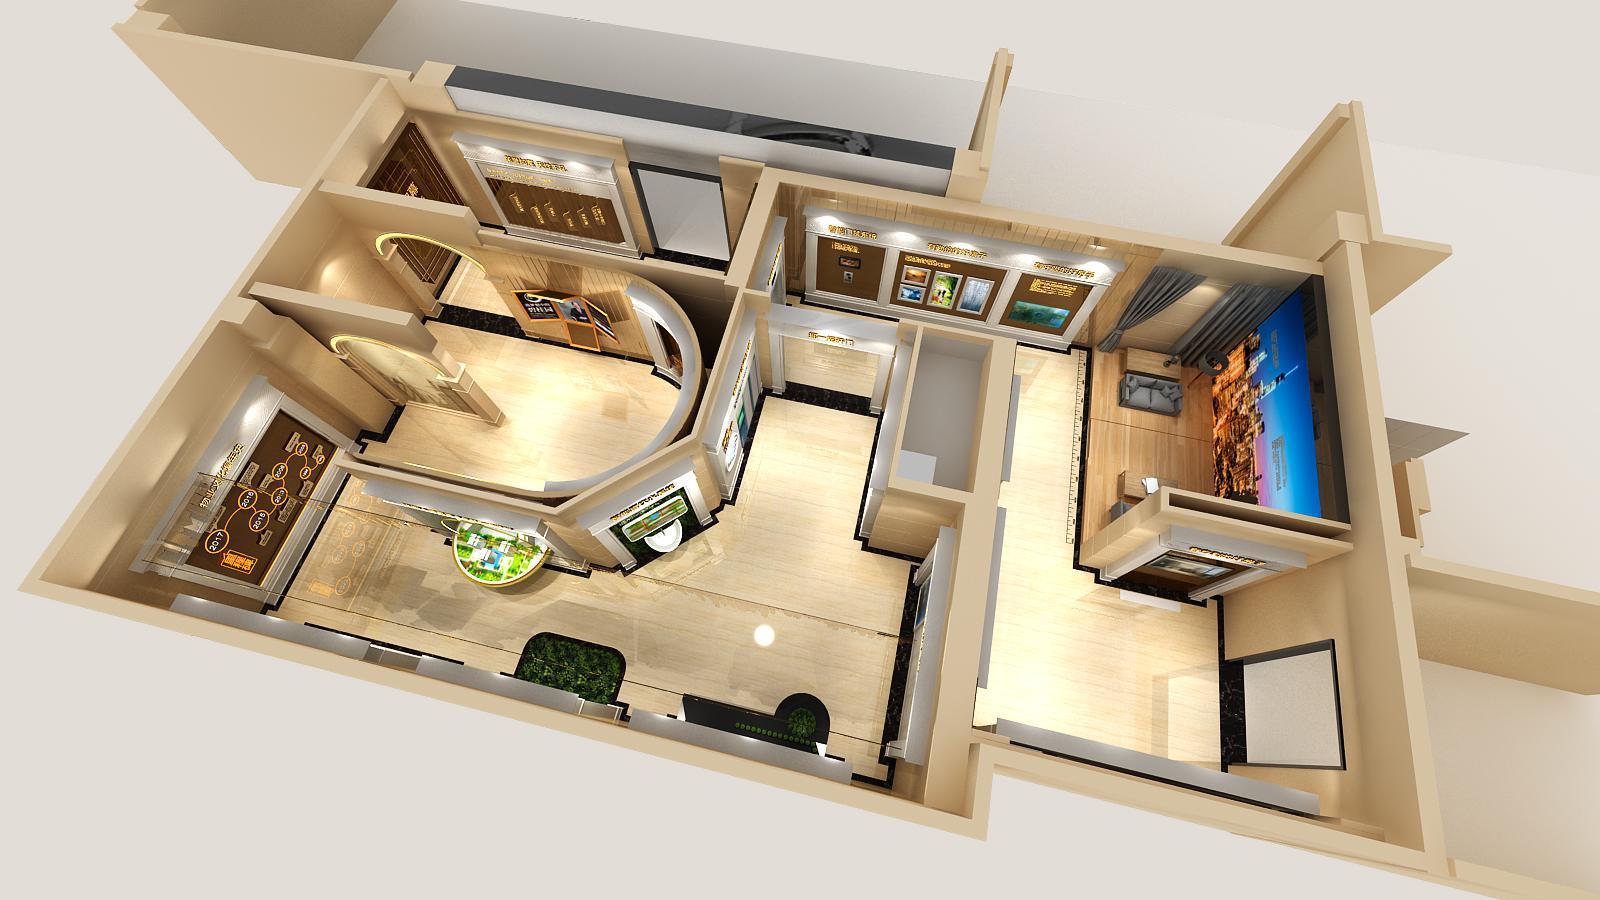 碧桂园新城体验馆设计方案之鸟瞰图2